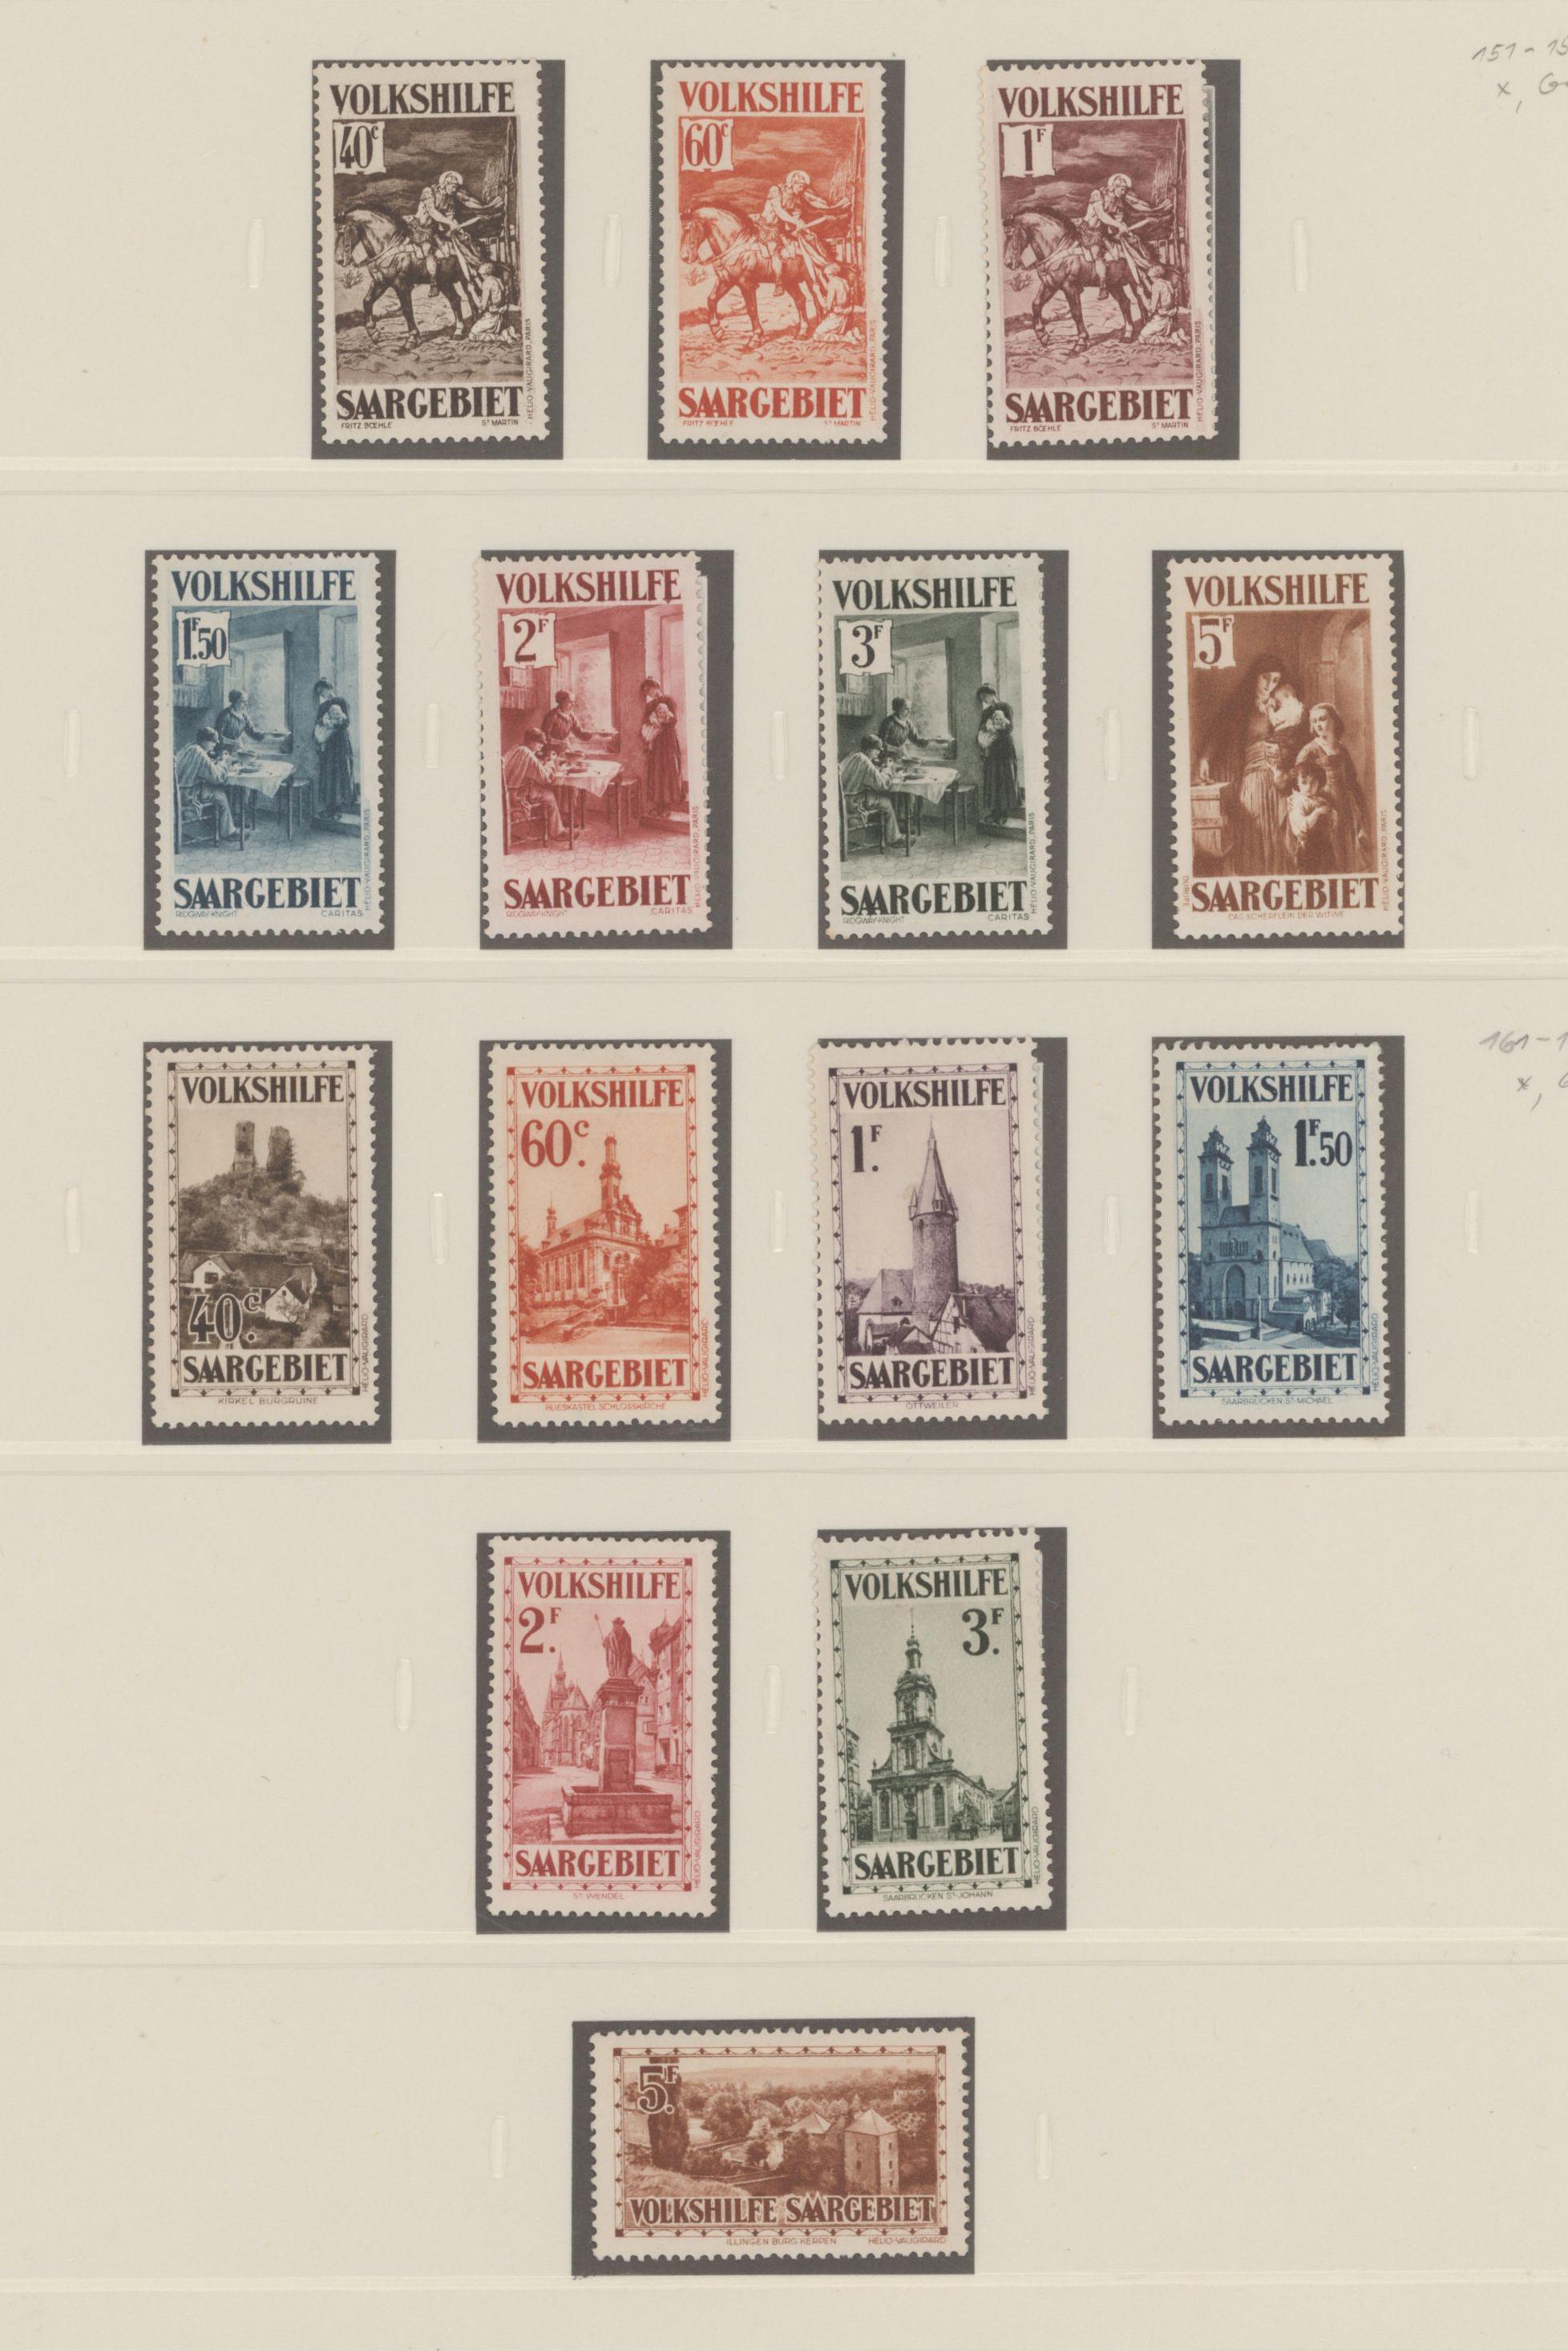 Lot 23668 - Deutsche Abstimmungsgebiete: Saargebiet  -  Auktionshaus Christoph Gärtner GmbH & Co. KG 50th Auction Anniversary Auction - Day 7